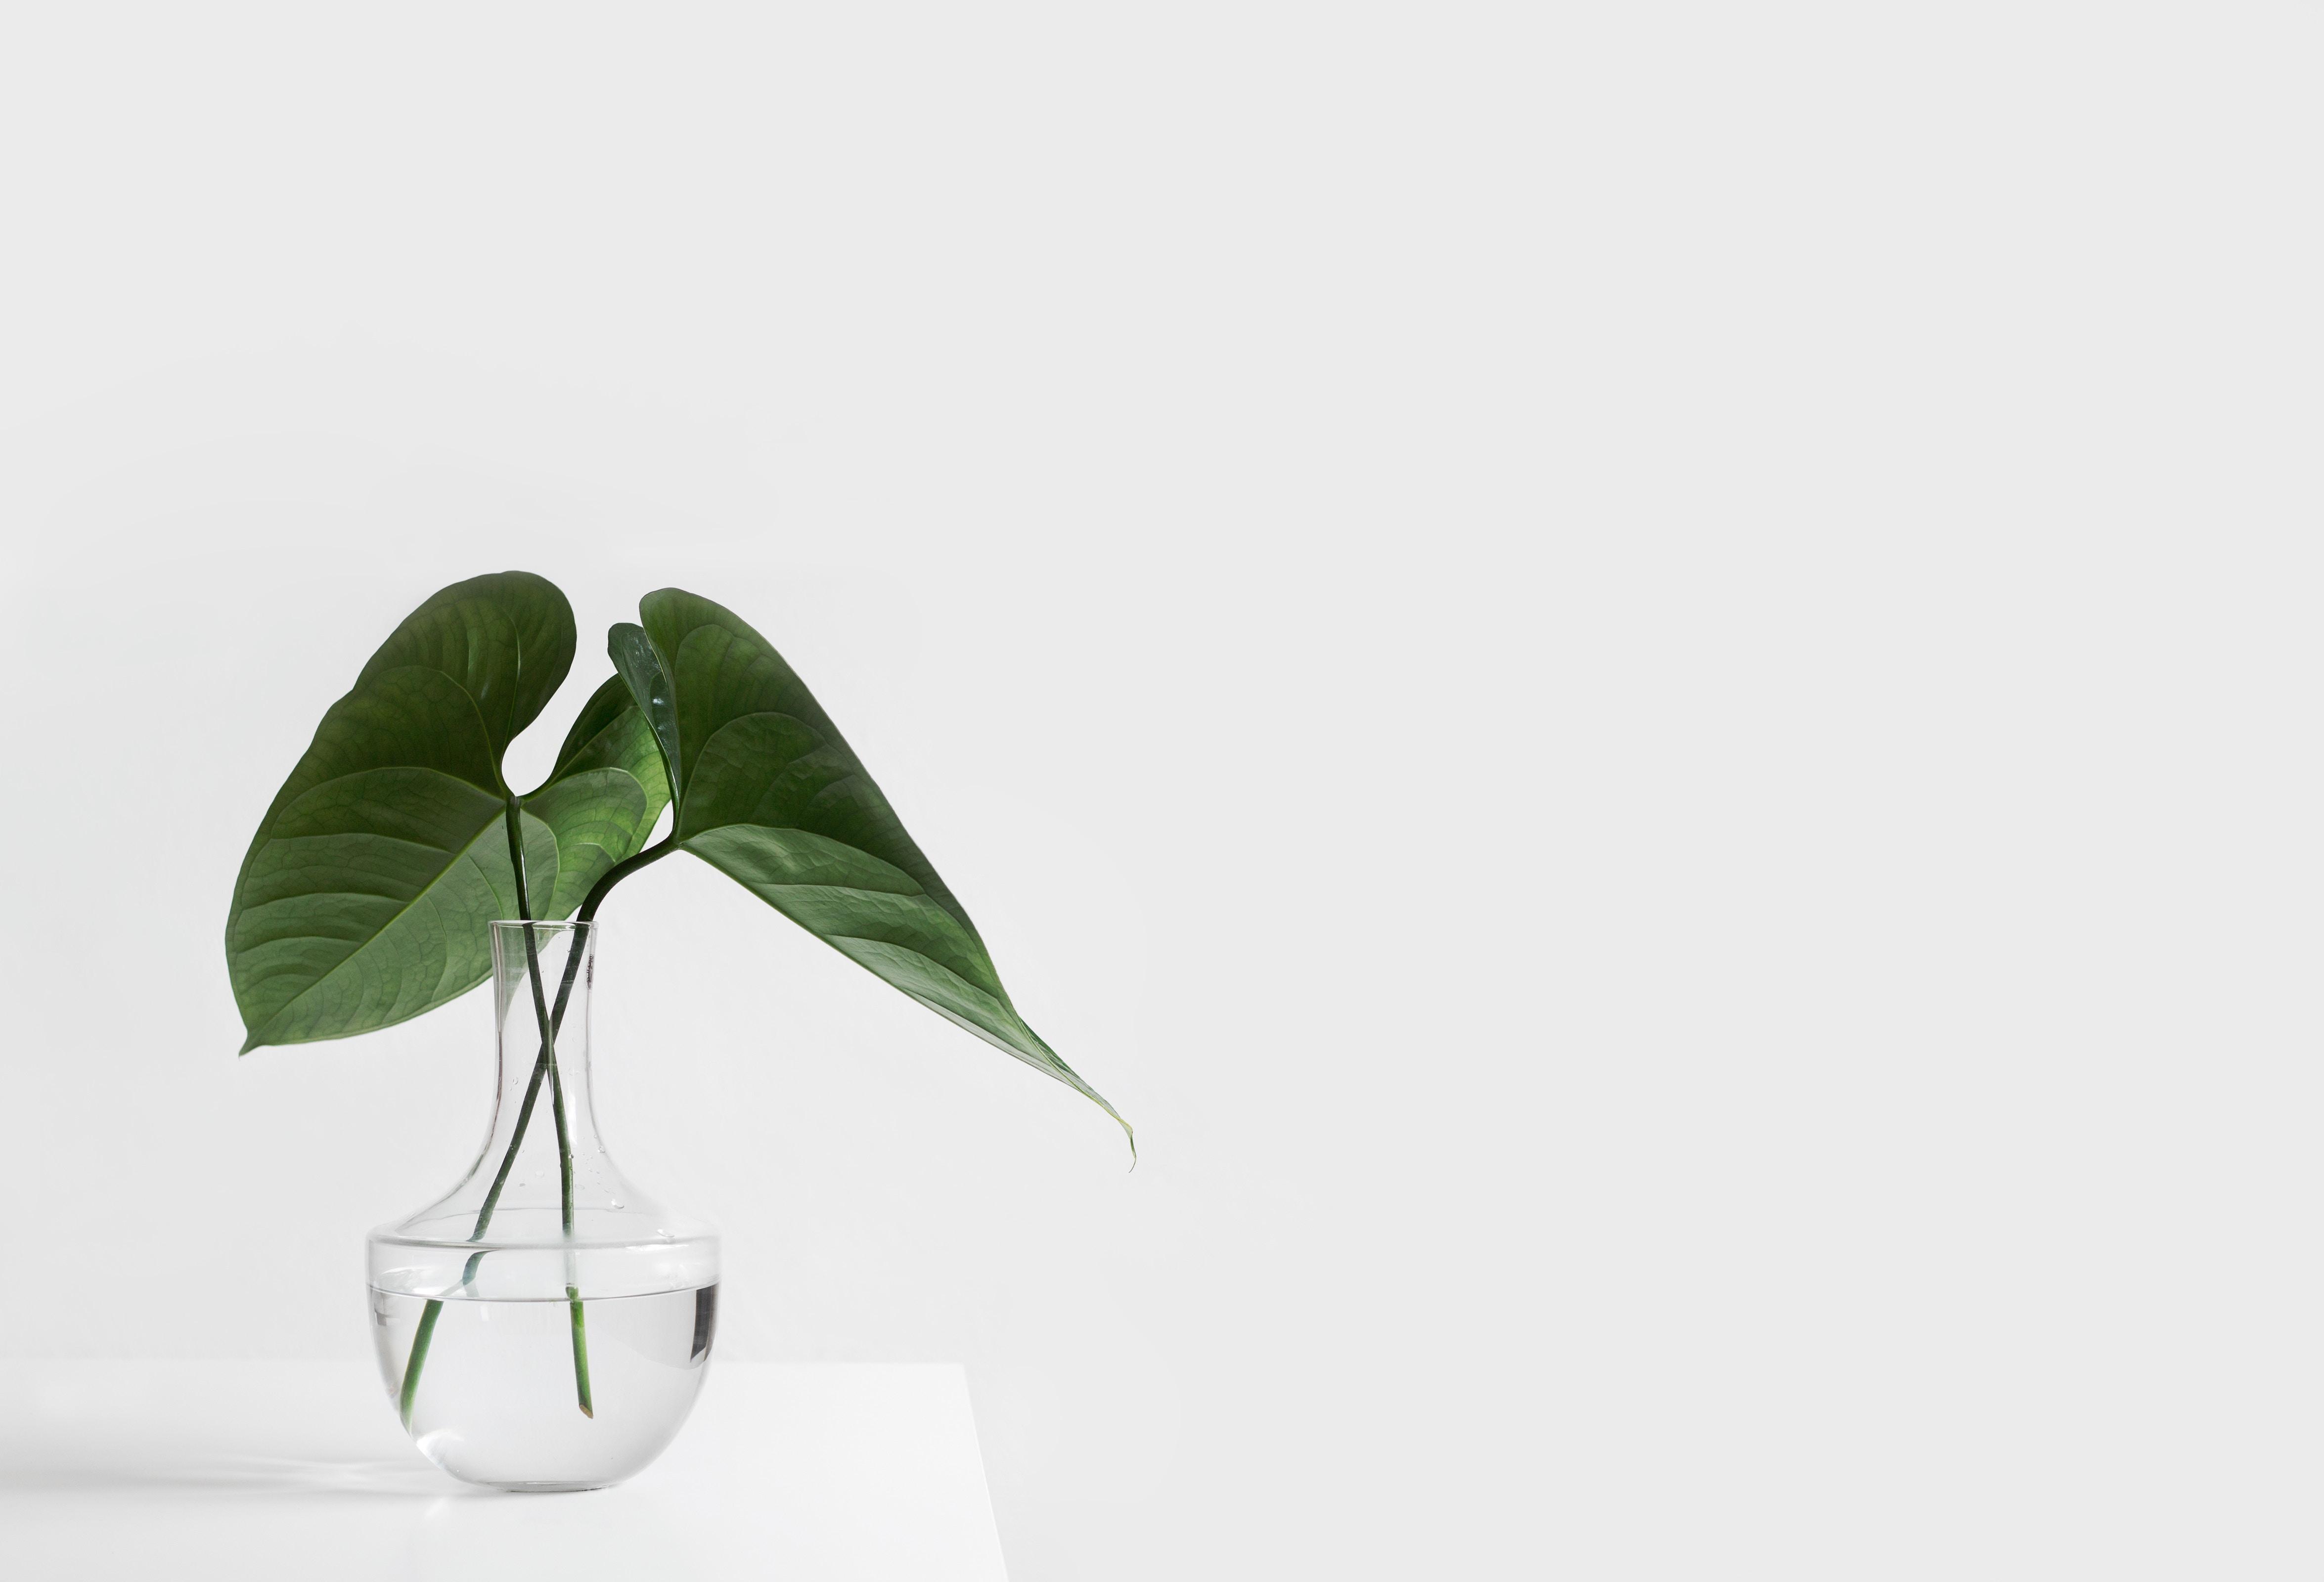 緑の観葉植物